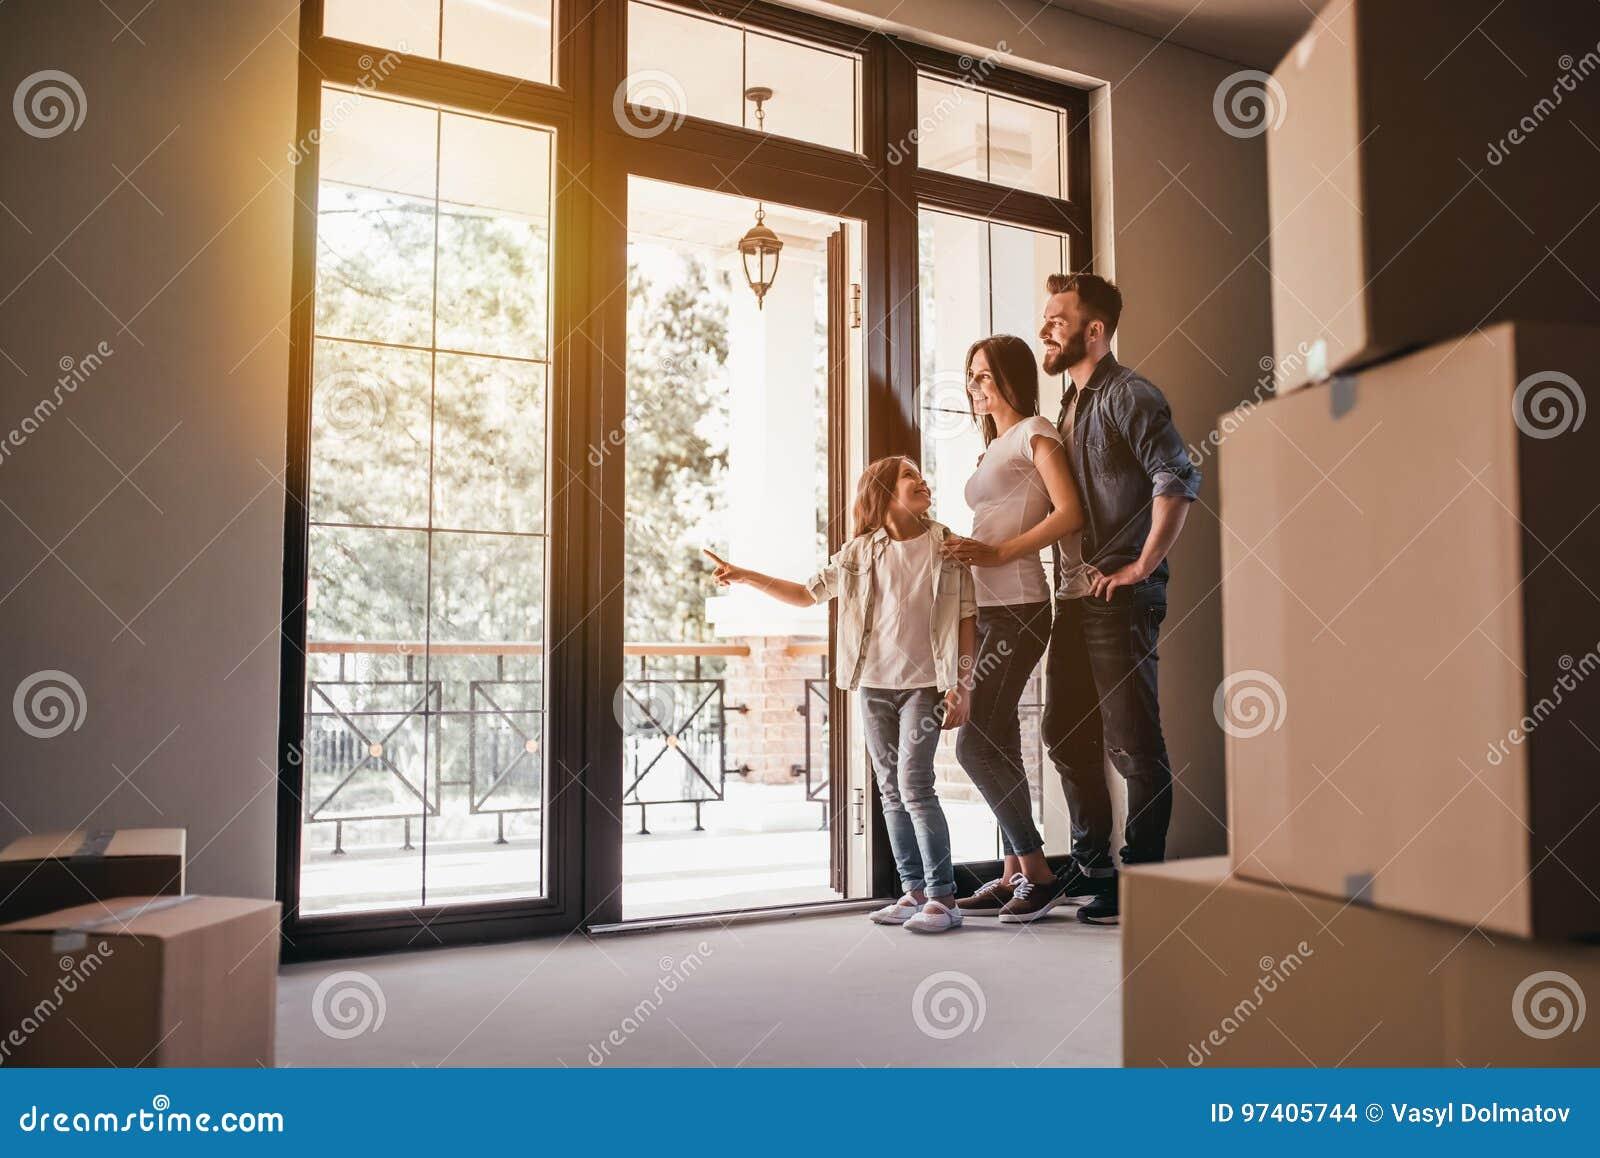 Nytt hus för familjinflyttning